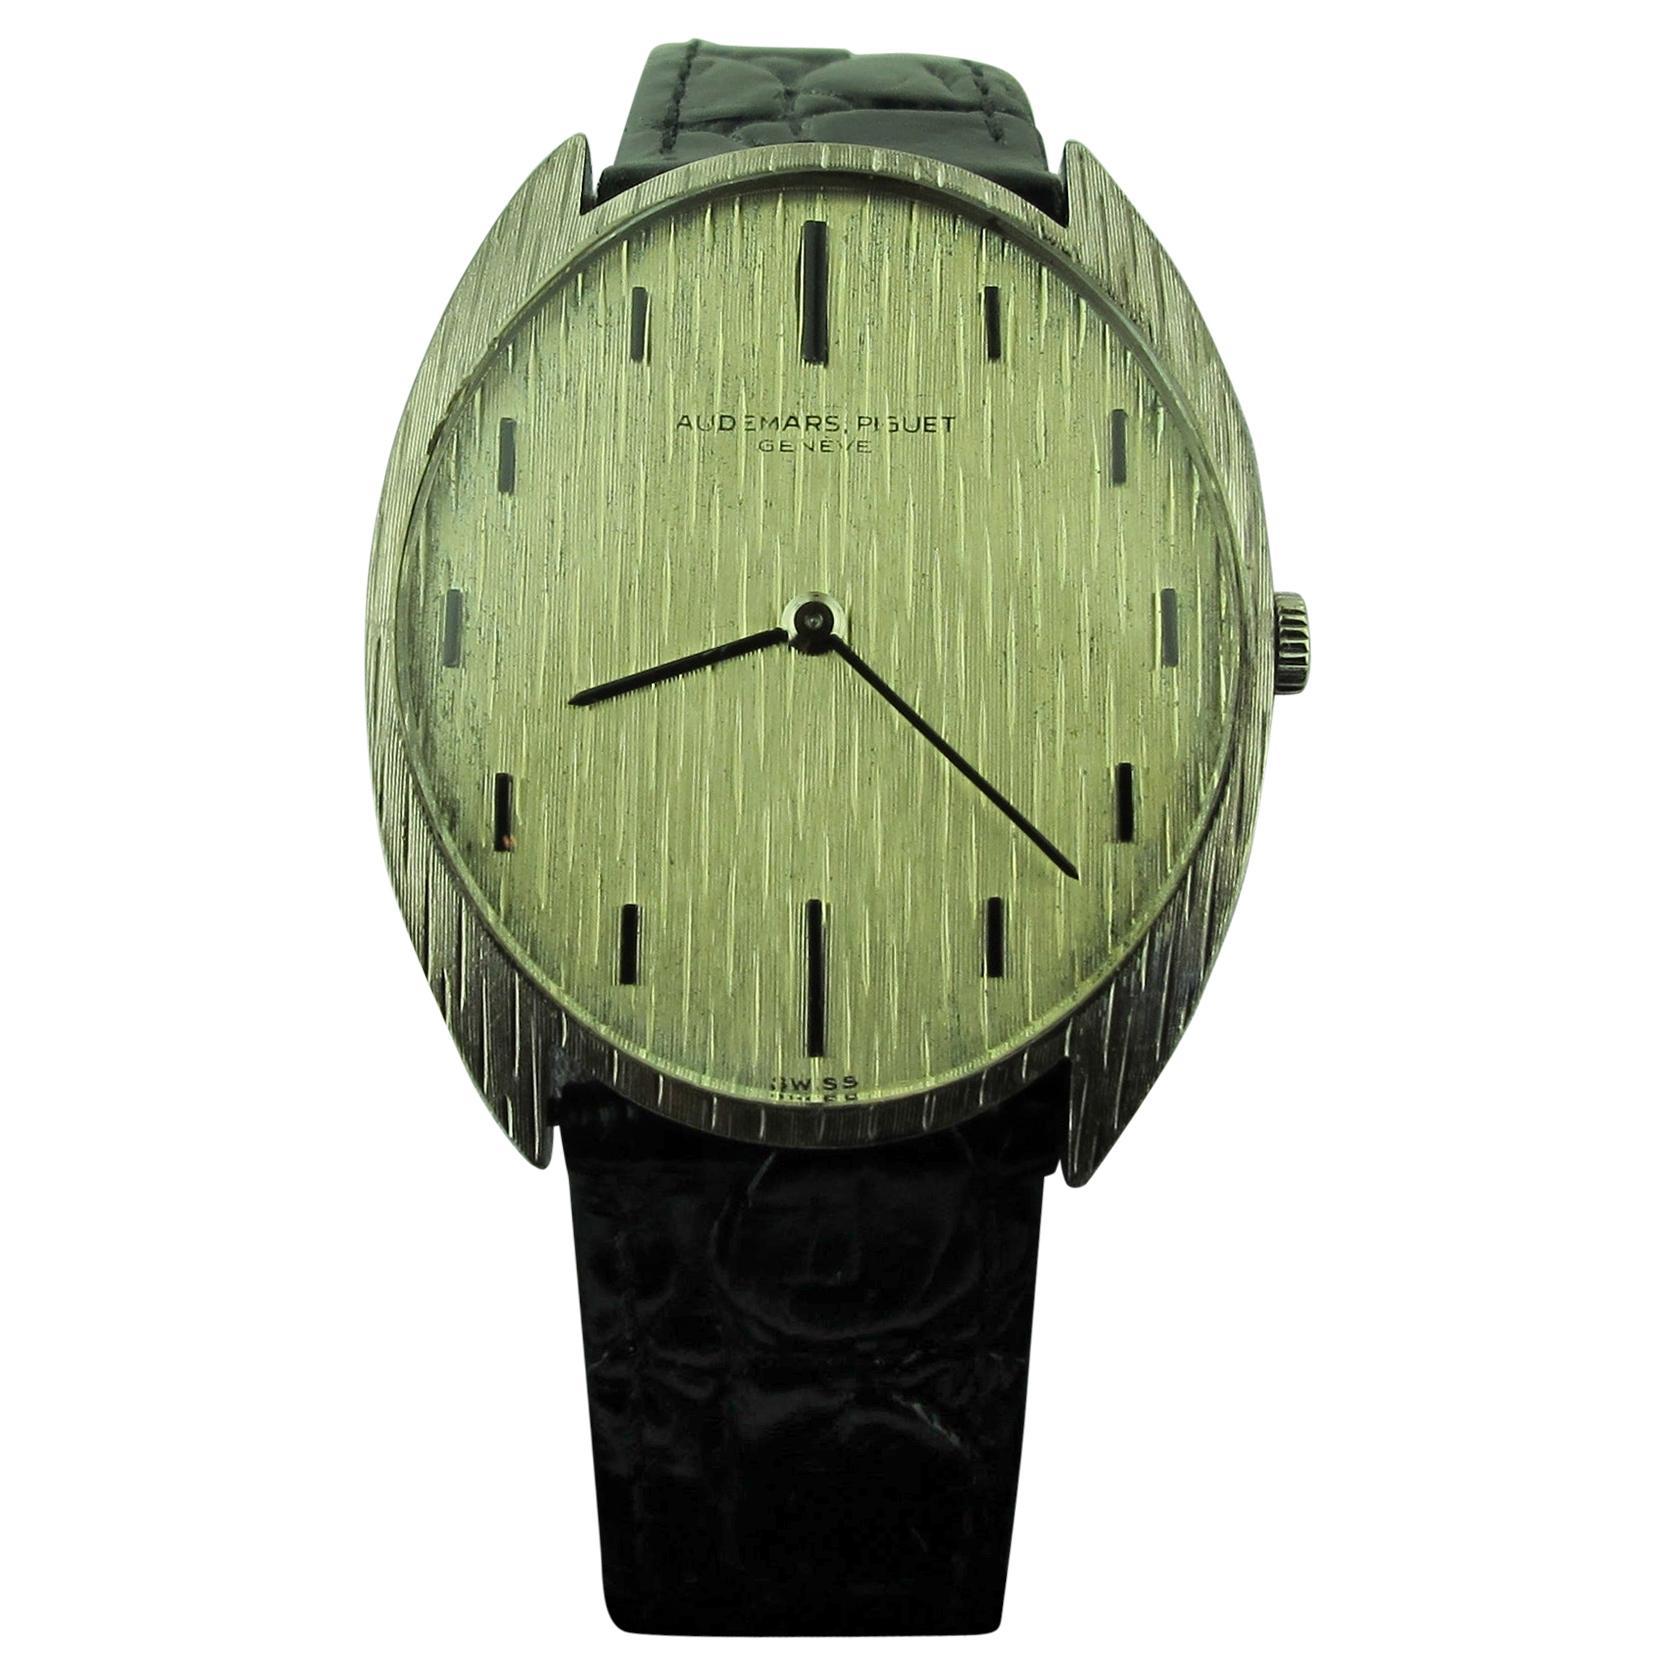 Vintage Audemars Piguet 18 Karat Gold Watch with Black Leather Strap